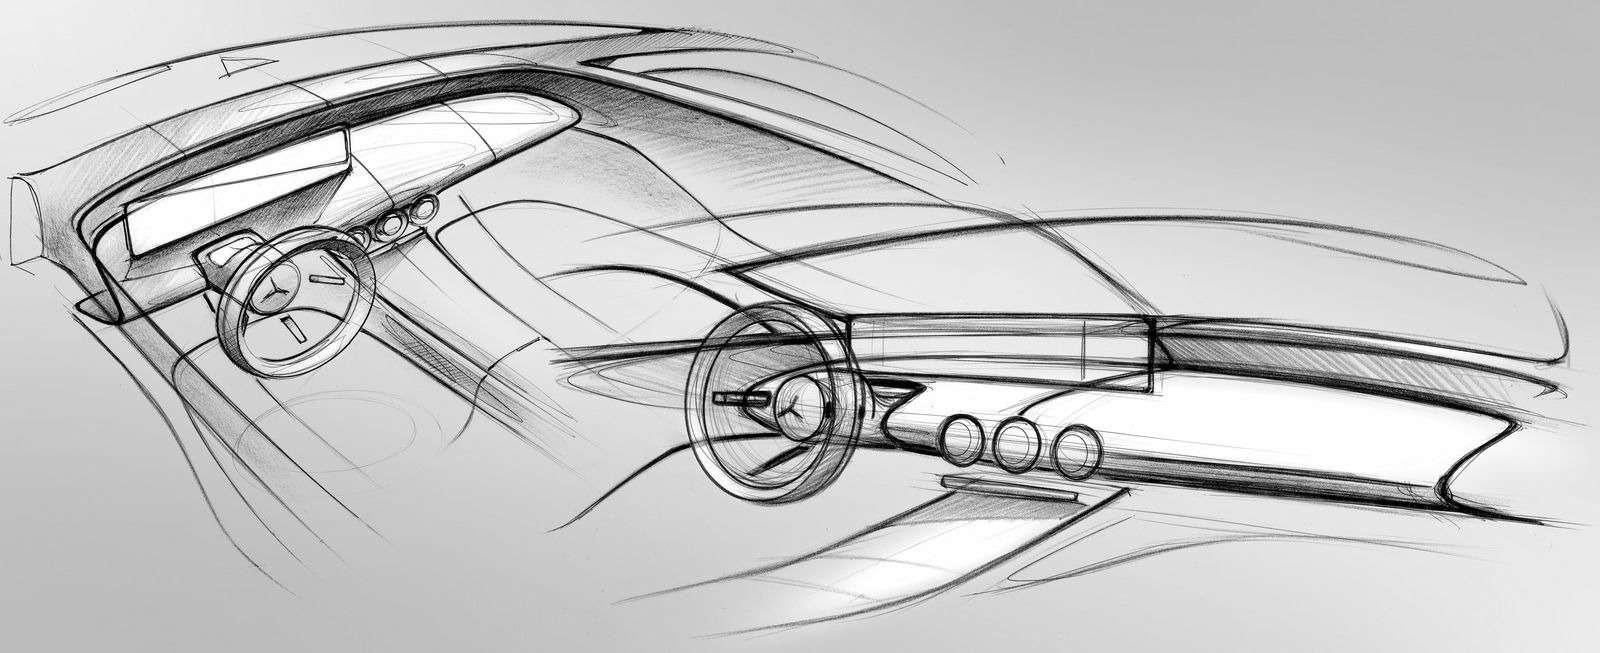 Новый Mercedes-Benz A-класса: руль отS-класса ипланшет вместо приборов— фото 819432